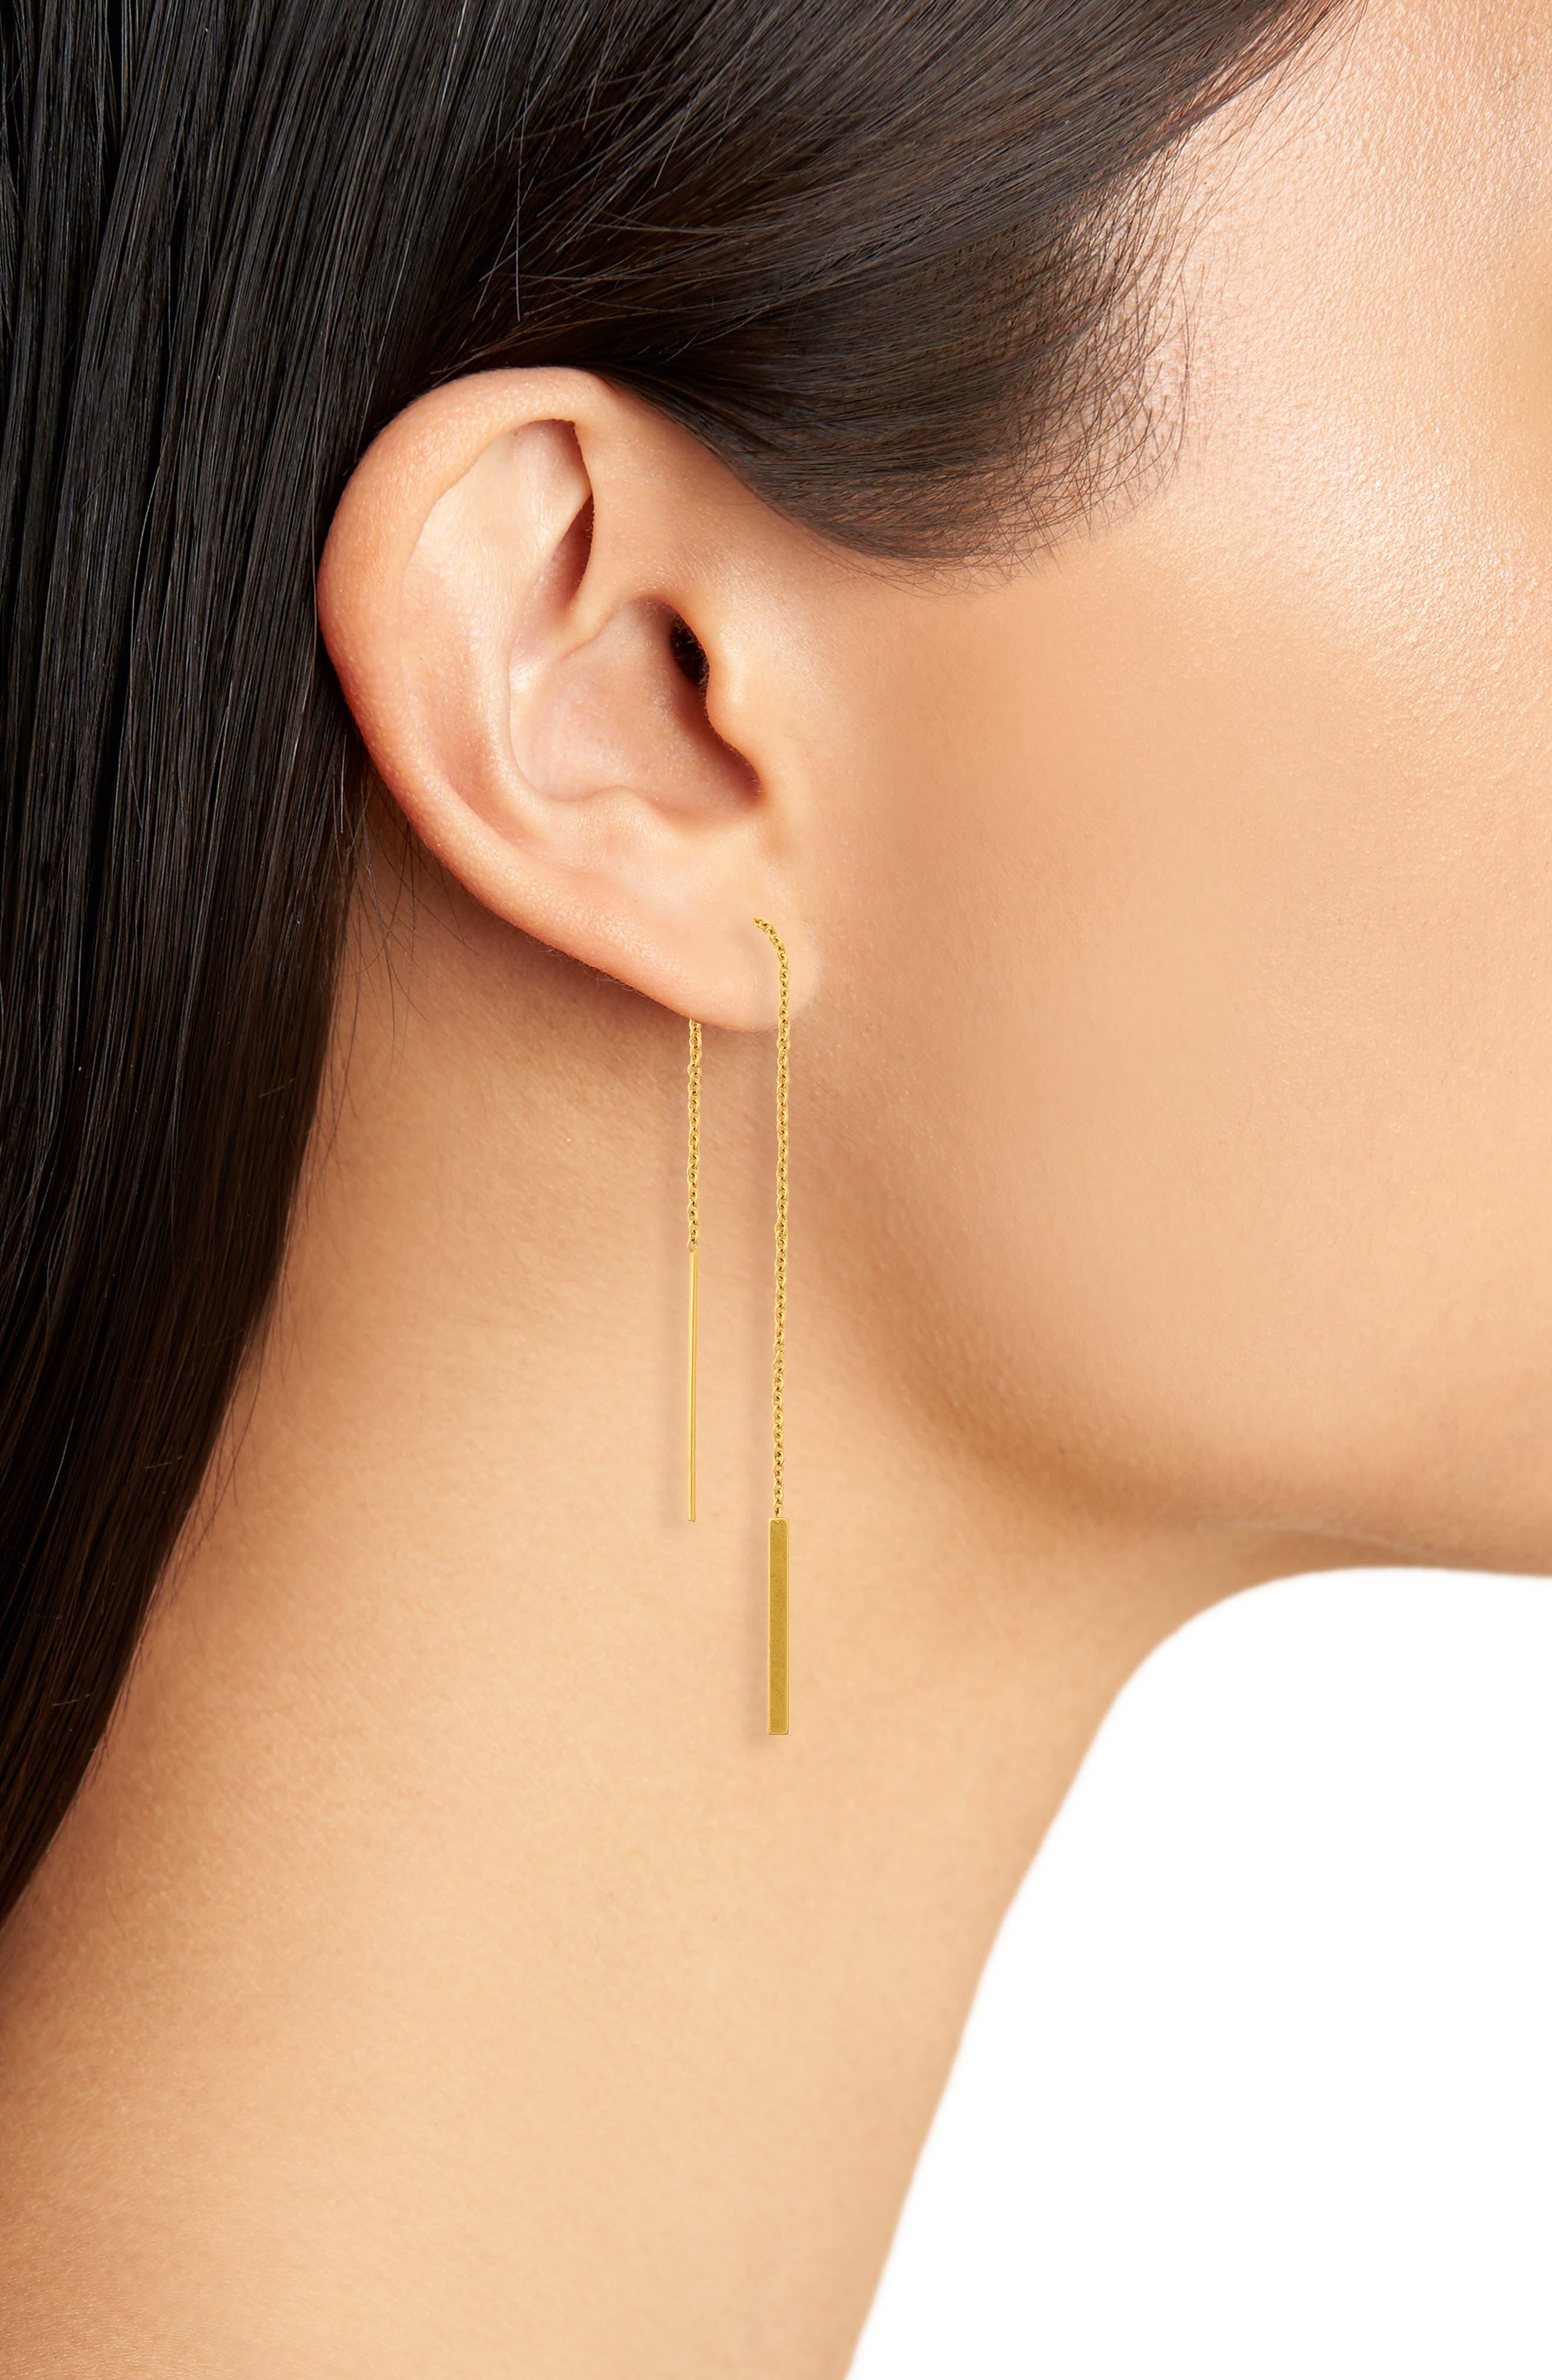 Delicate Threader Earrings,                             Alternate thumbnail 2, color,                             710